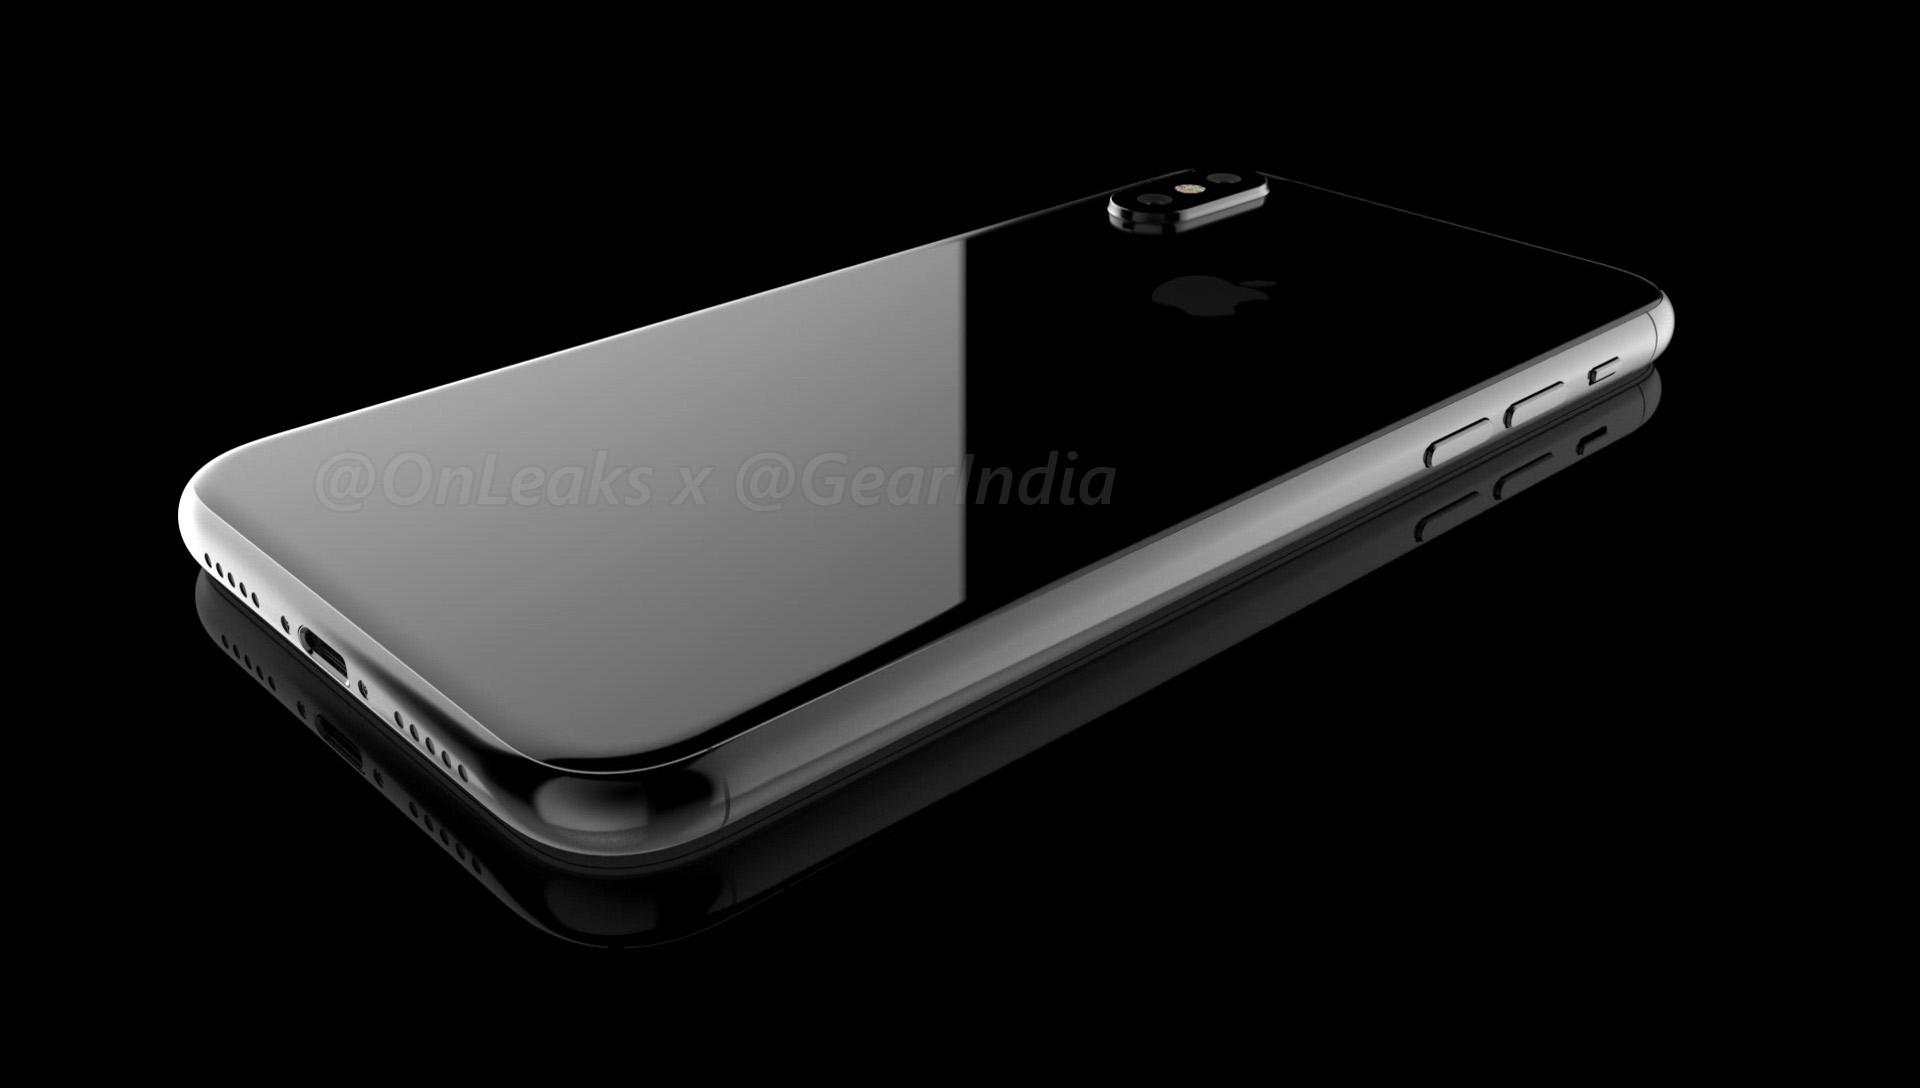 iPhone X OnLeaks 2